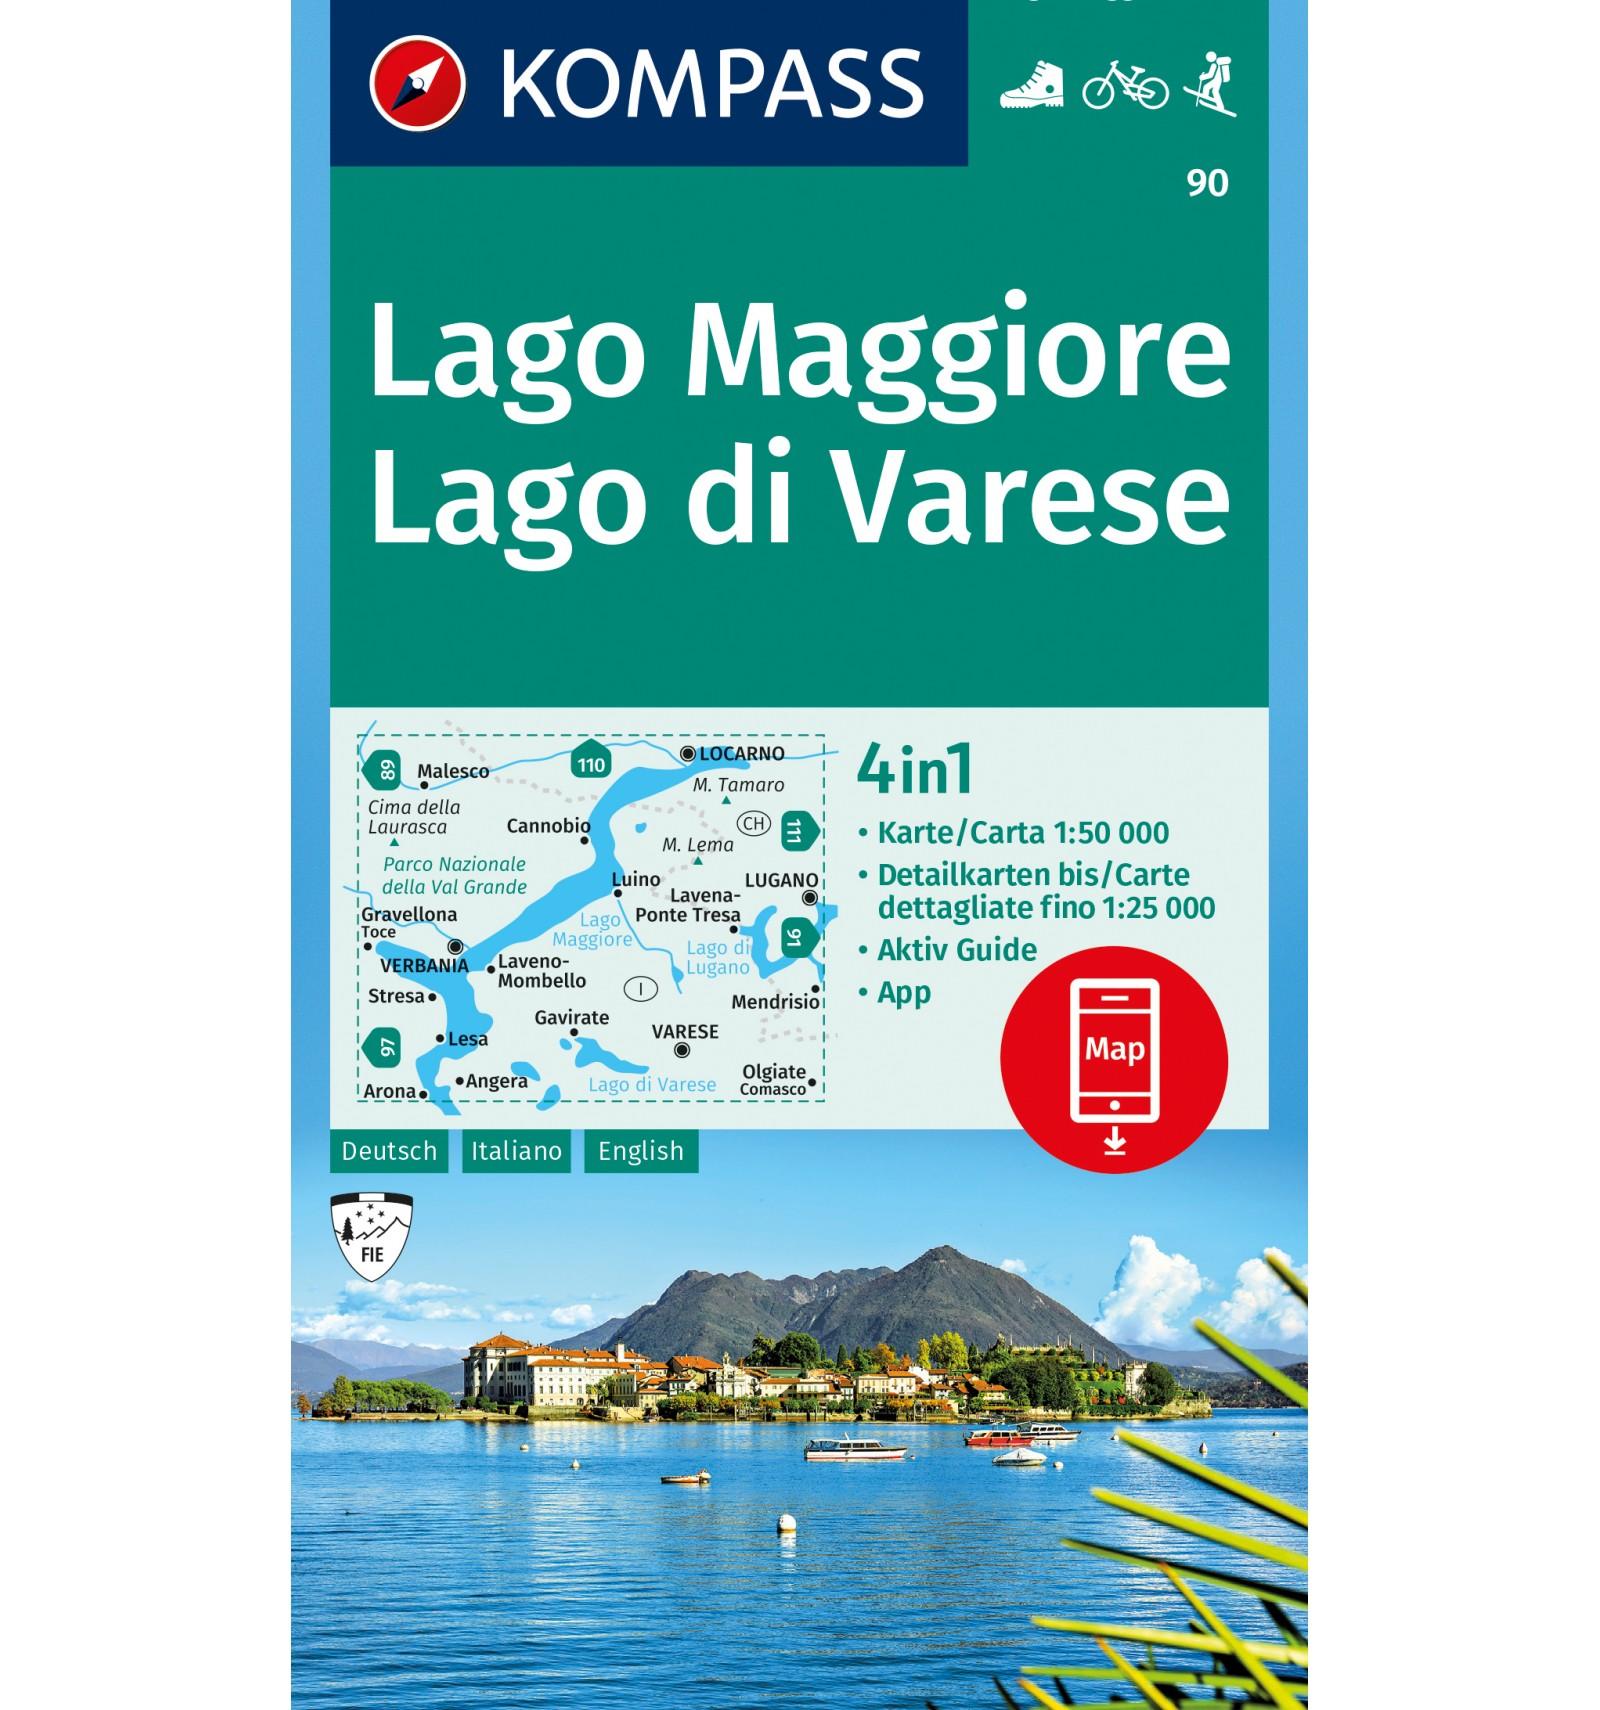 Lago Maggiore Karte Mit Orten.Lago Maggiore Lago Di Varese 1 50 000